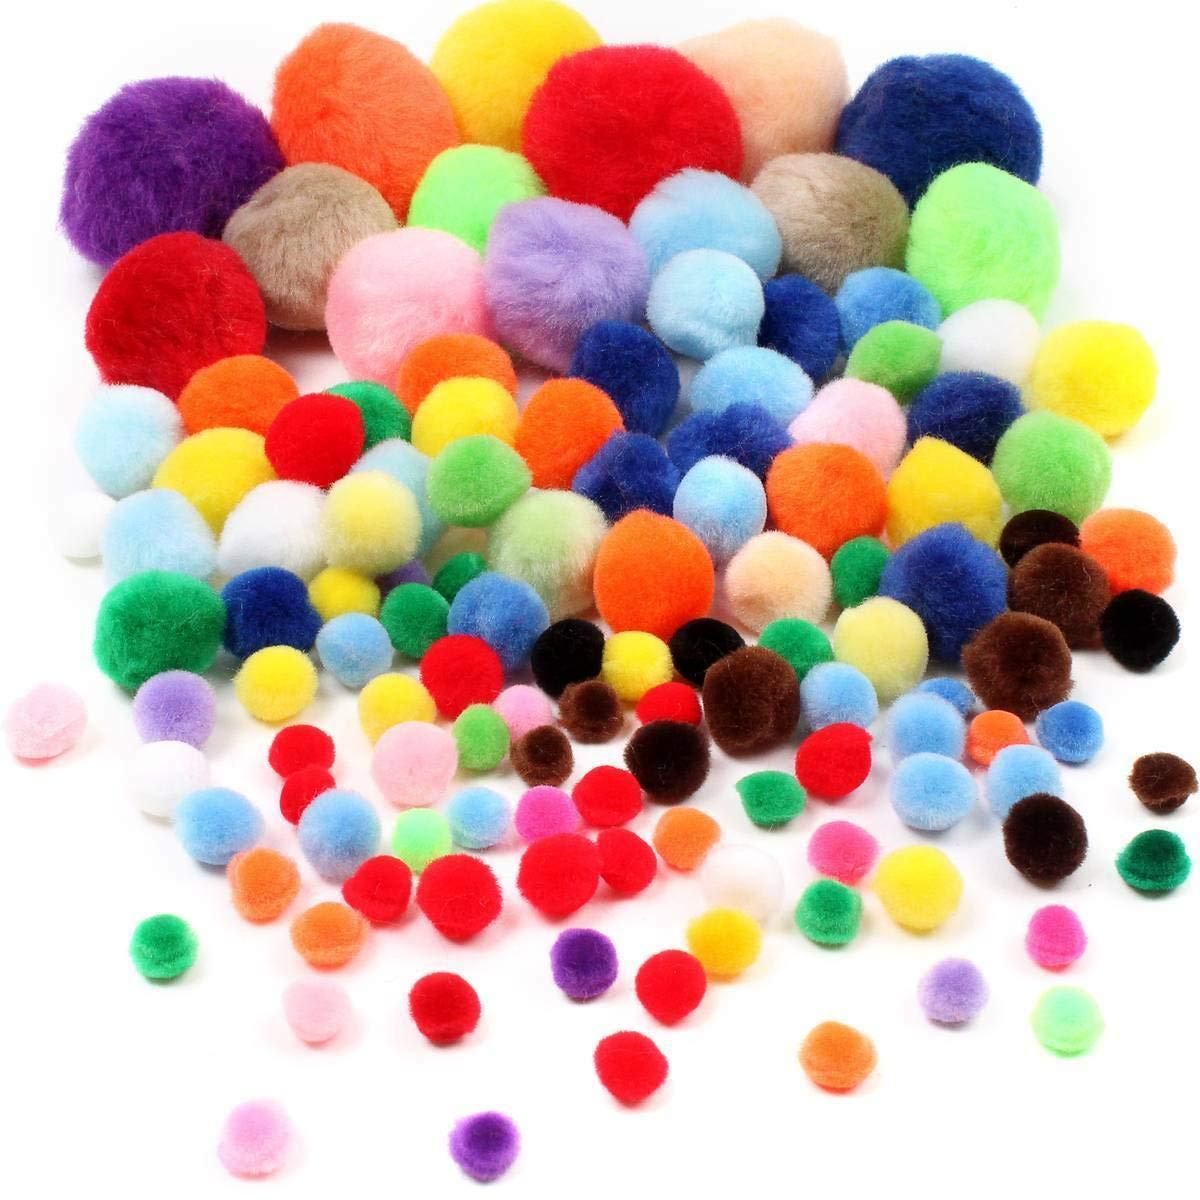 1 Pound Multi Colored Assorted Craft Pom Poms Bulk 1500 Pieces